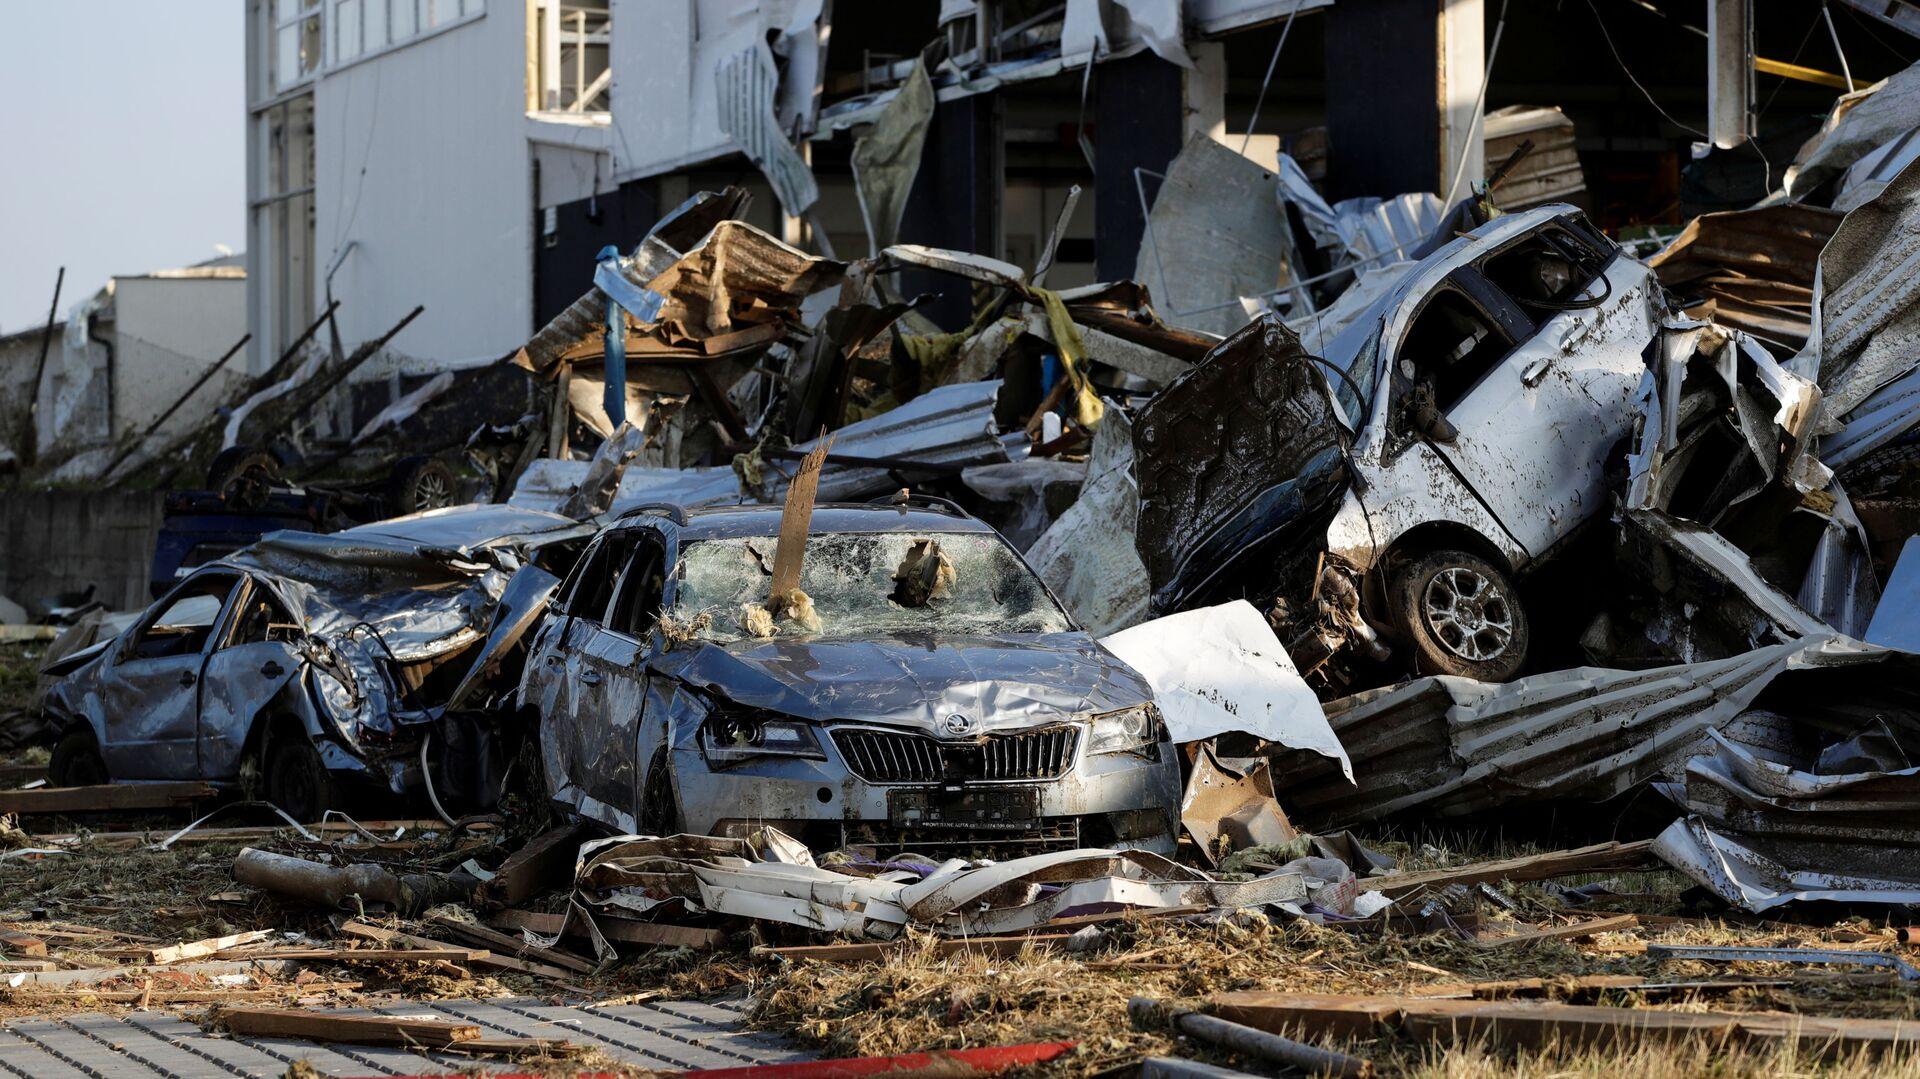 Na snímku jsou vidět trosky automobilů a budov v obci Lužice po tornádu, které zasáhlo města a vesnice - Sputnik Česká republika, 1920, 03.07.2021